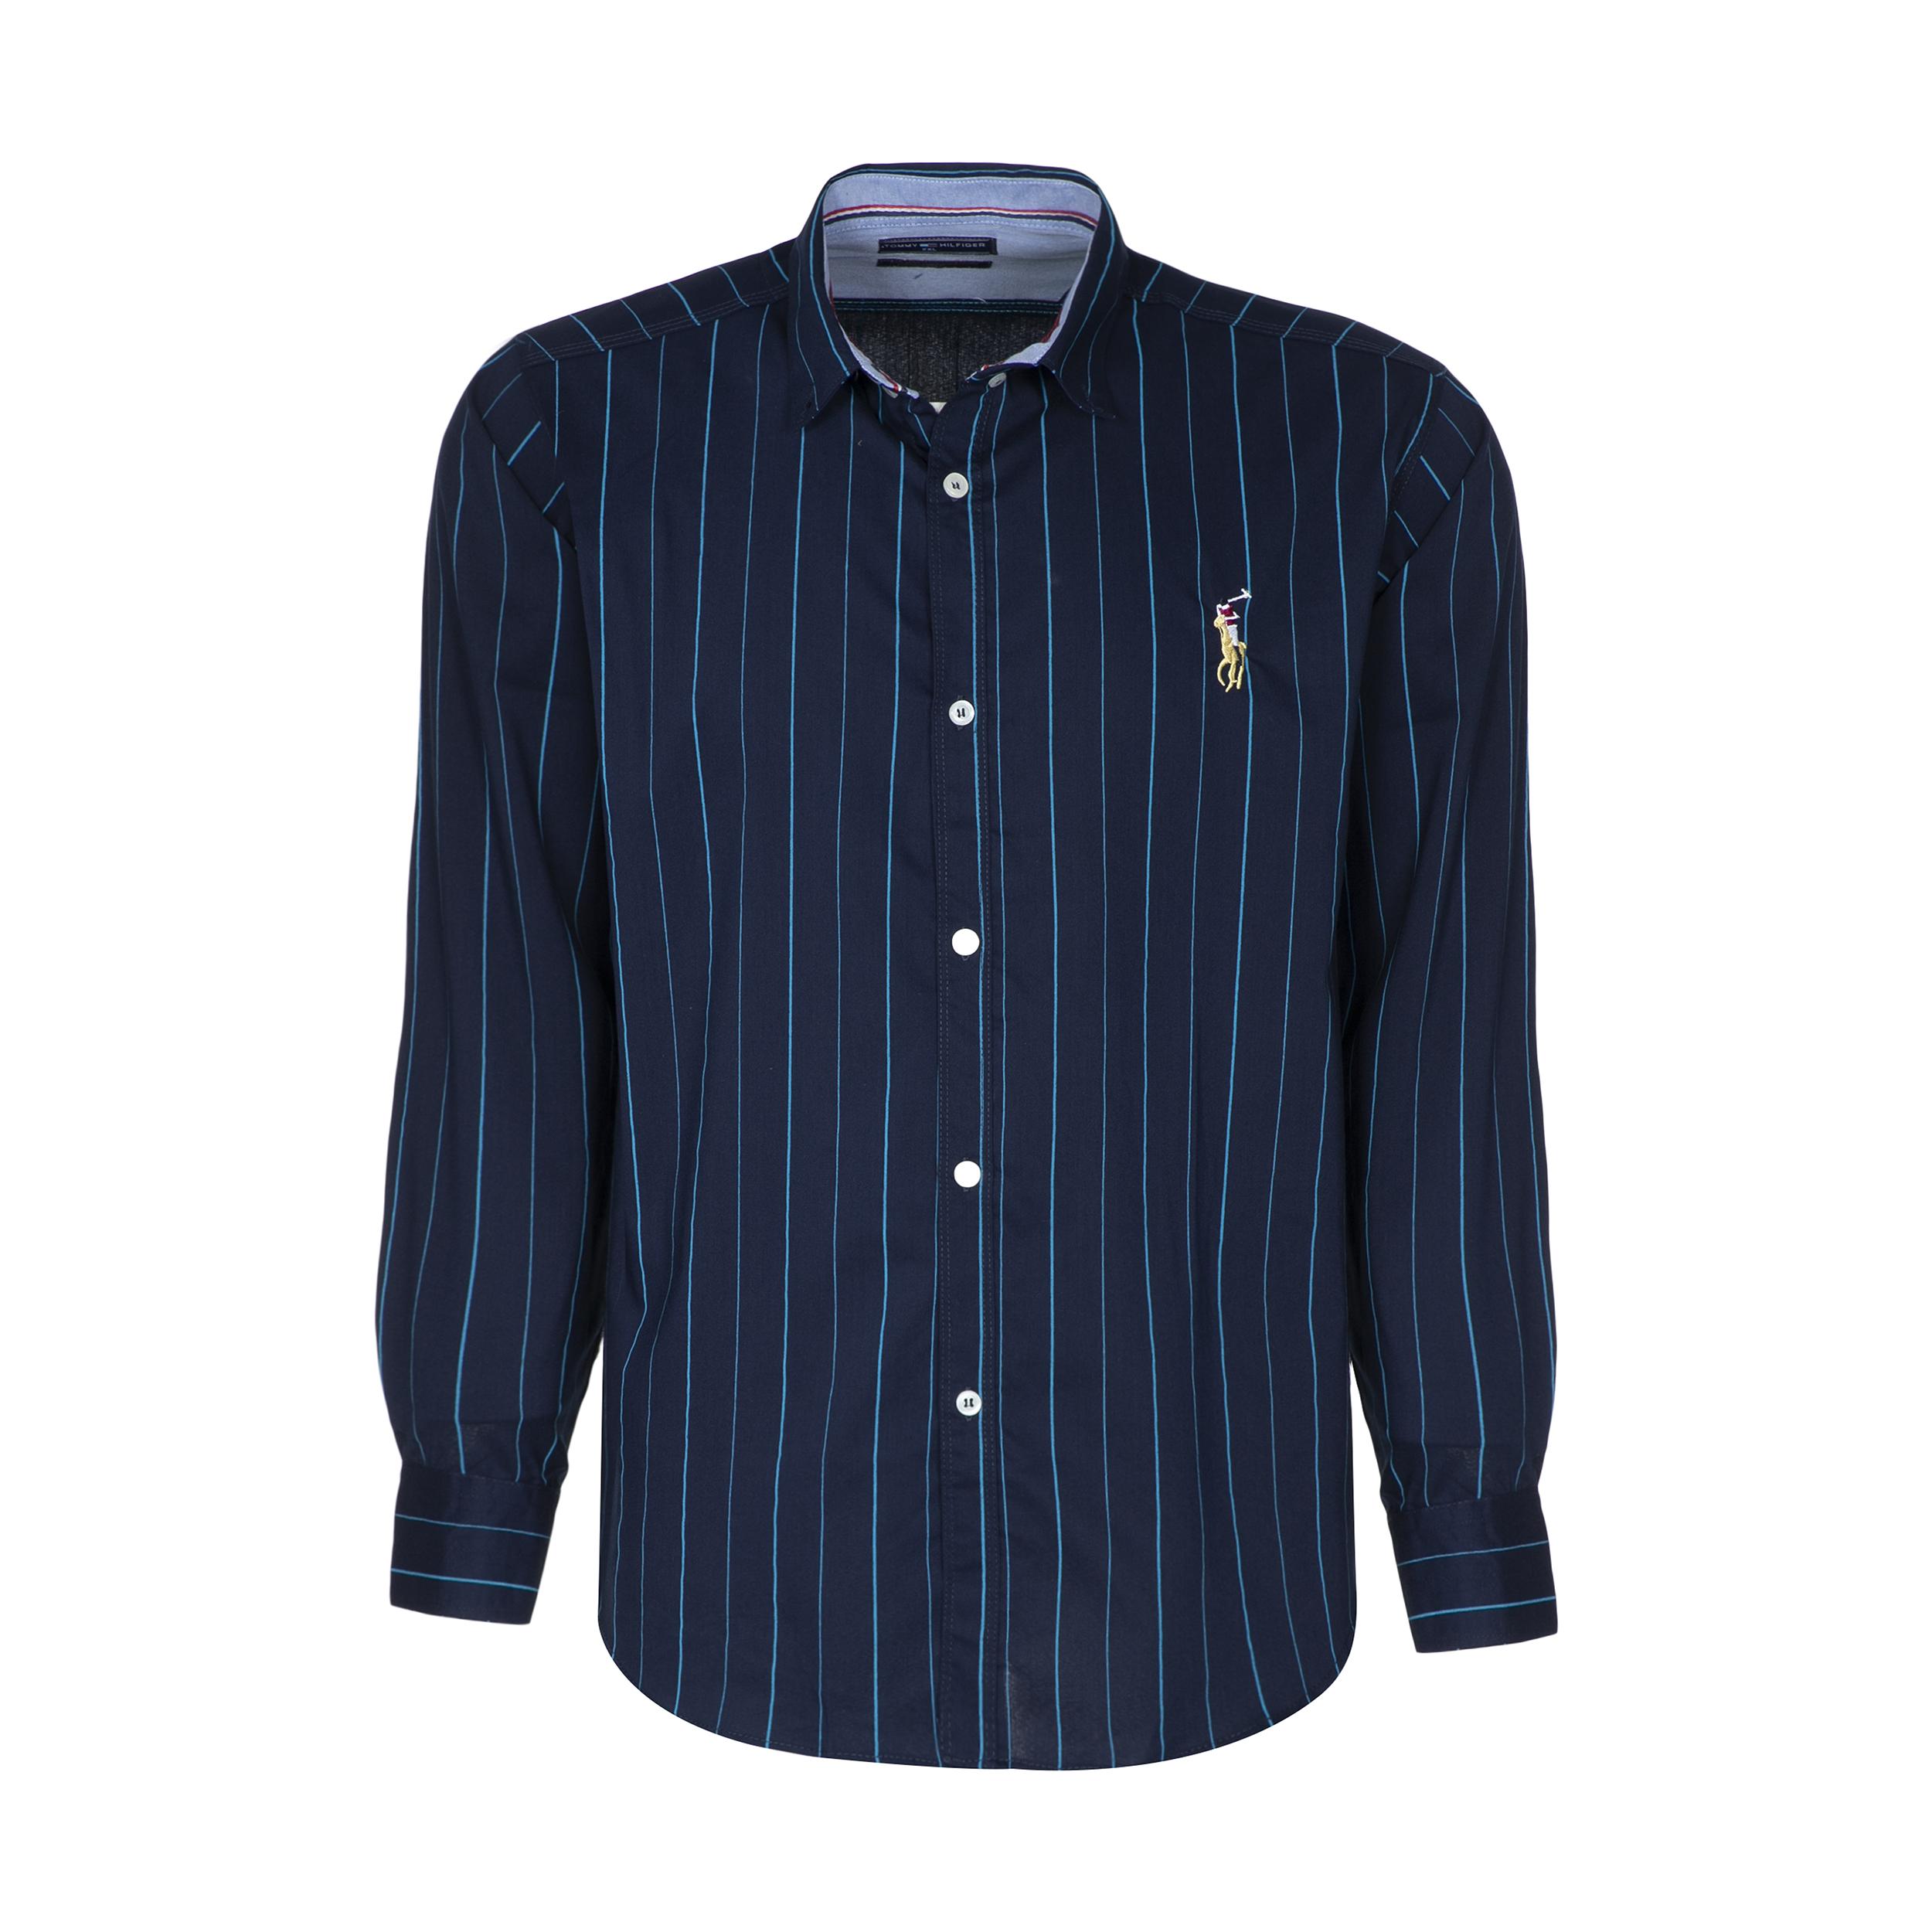 پیراهن آستین بلند مردانه مدل PVLF JAM رنگ آبی نفتی